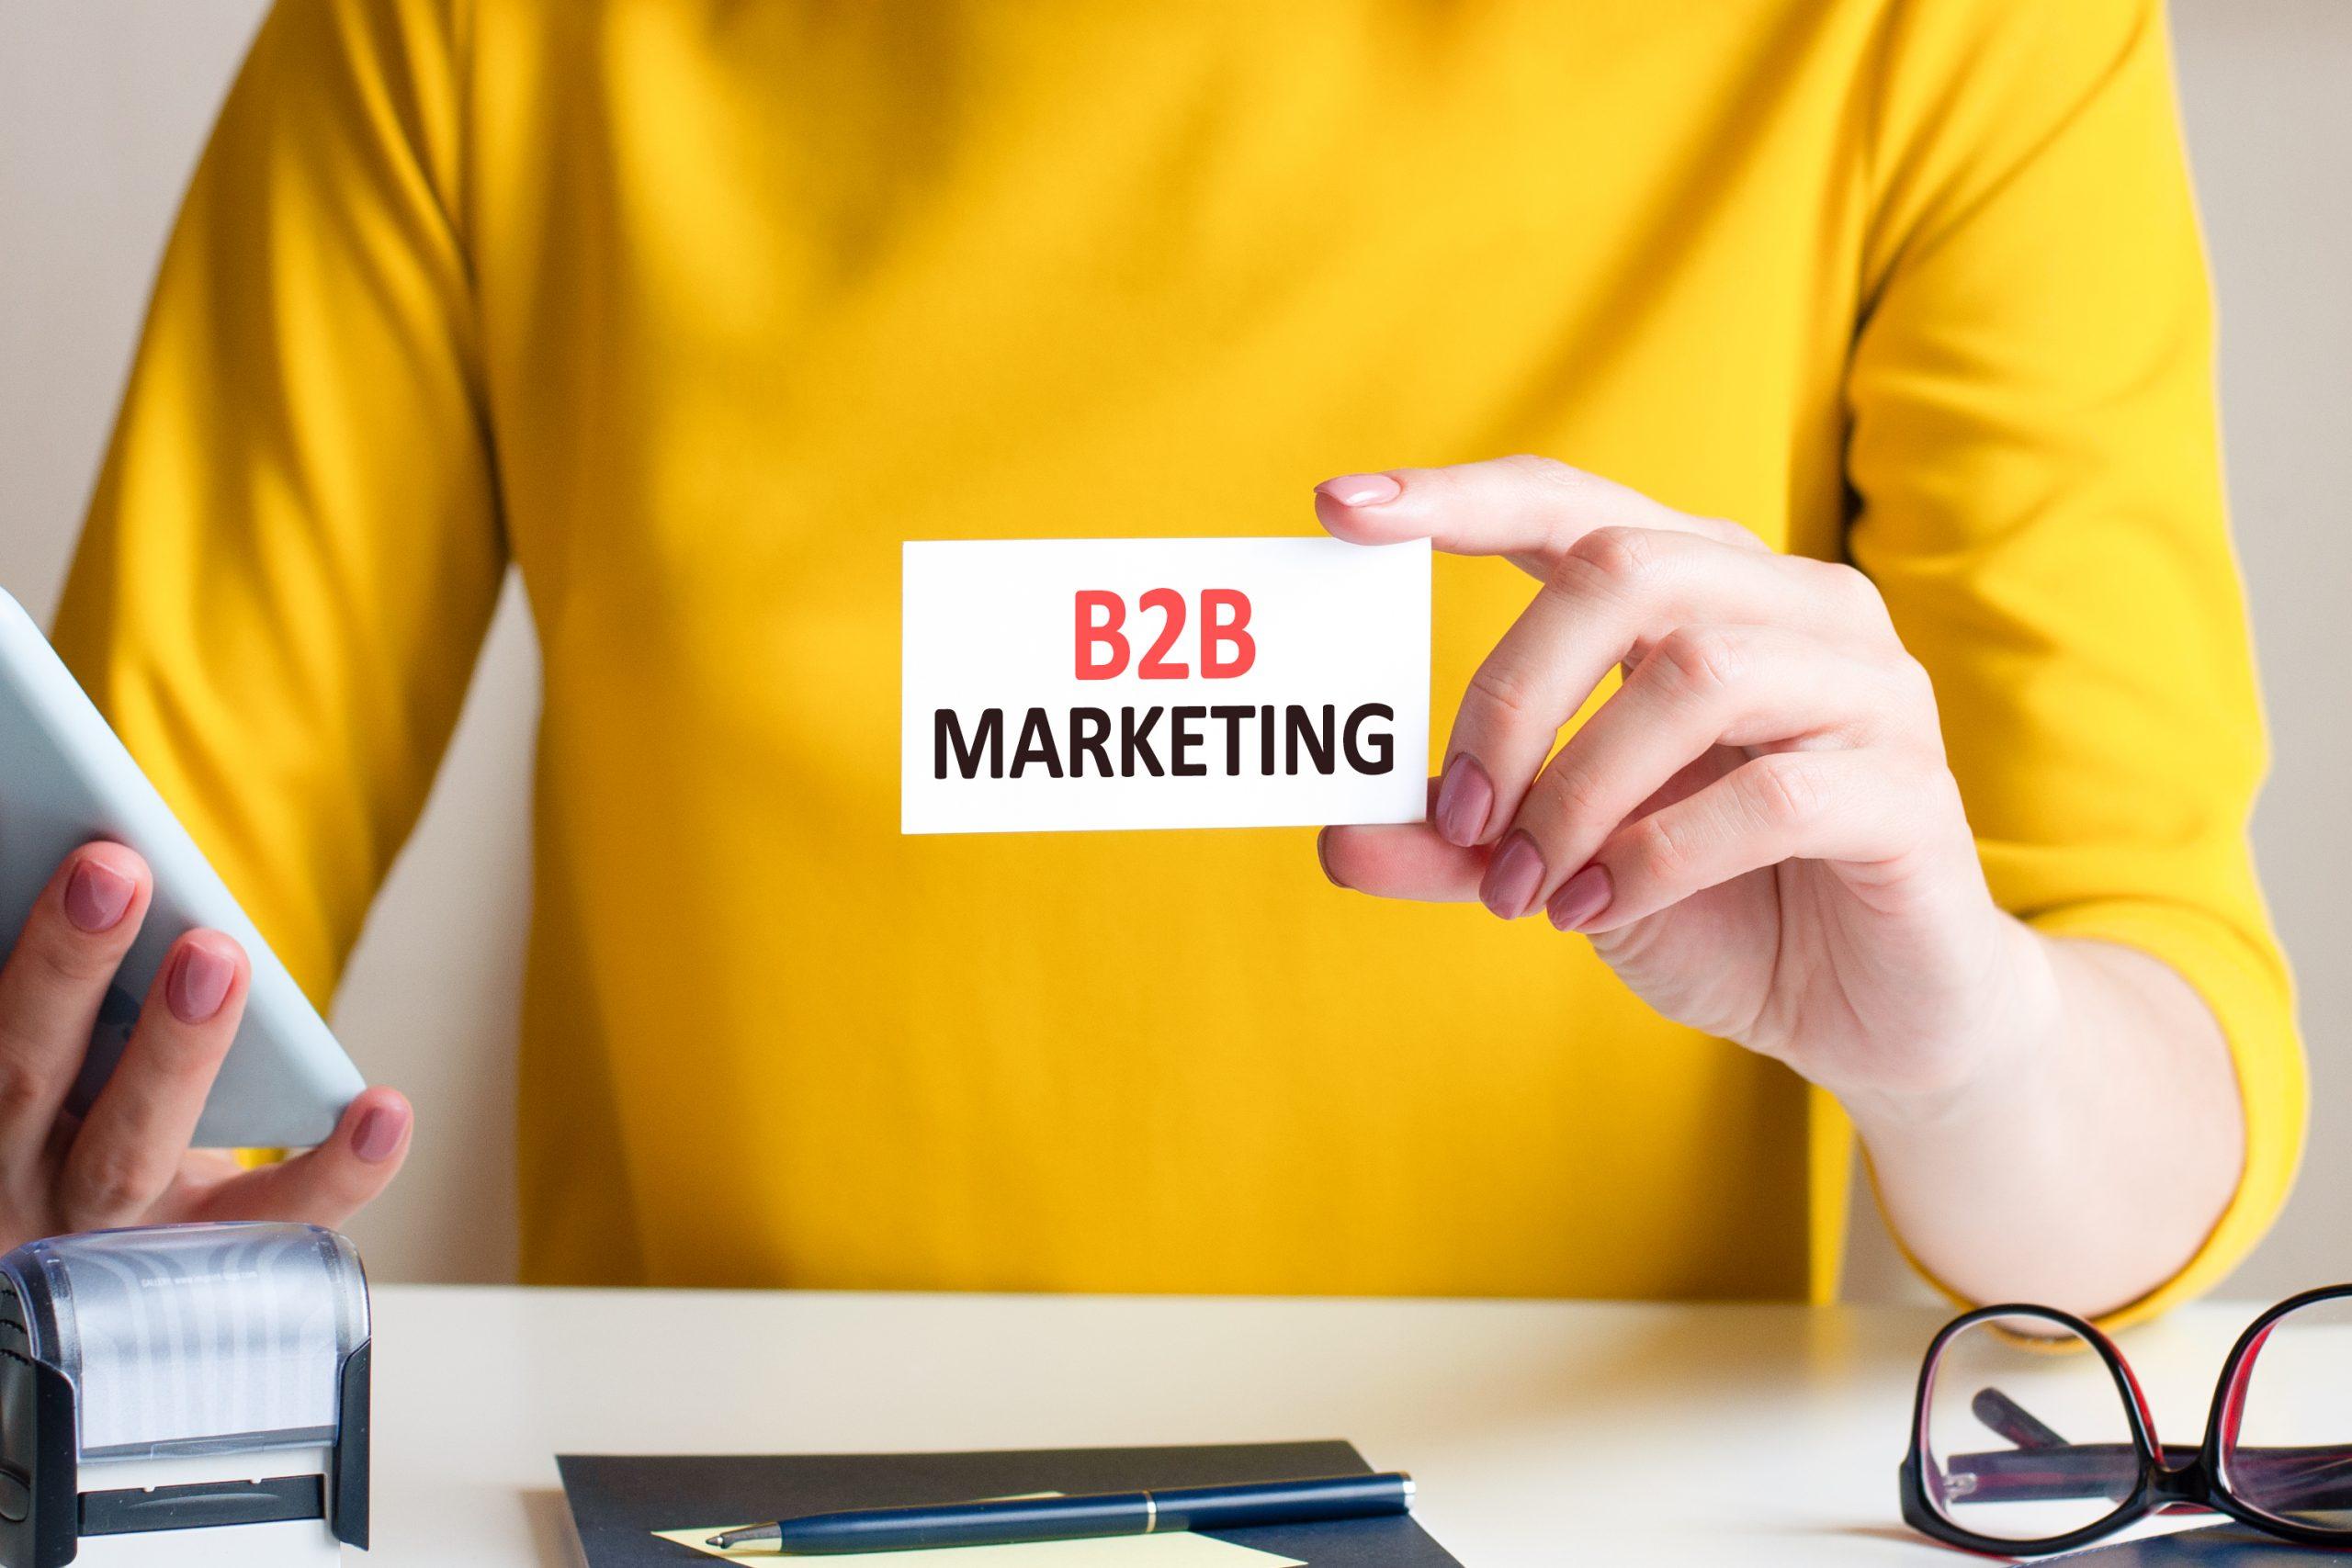 Uma pessoa com camisa amarela segurando um pequeno cartão escrito marketing B2B